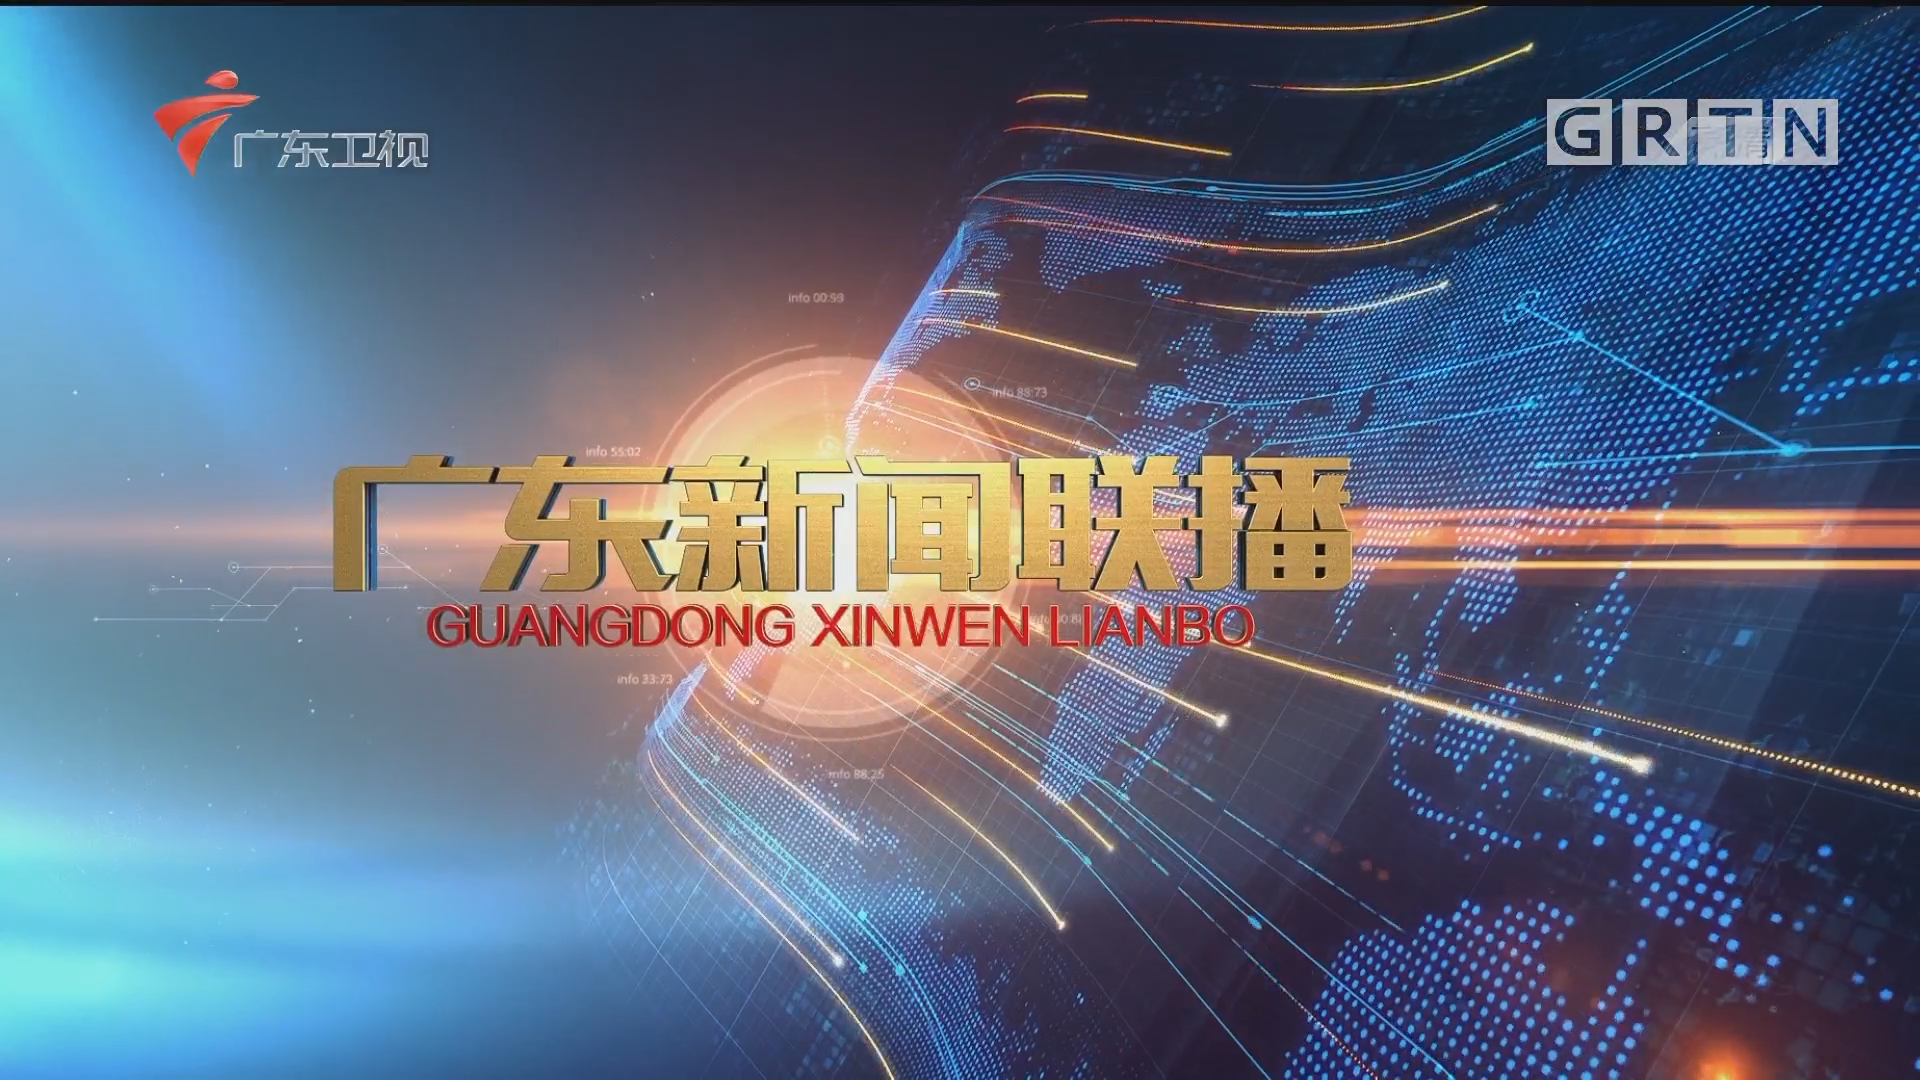 """[HD][2017-12-07]广东新闻联播:""""广东制造""""加速迈进""""广东智造"""""""